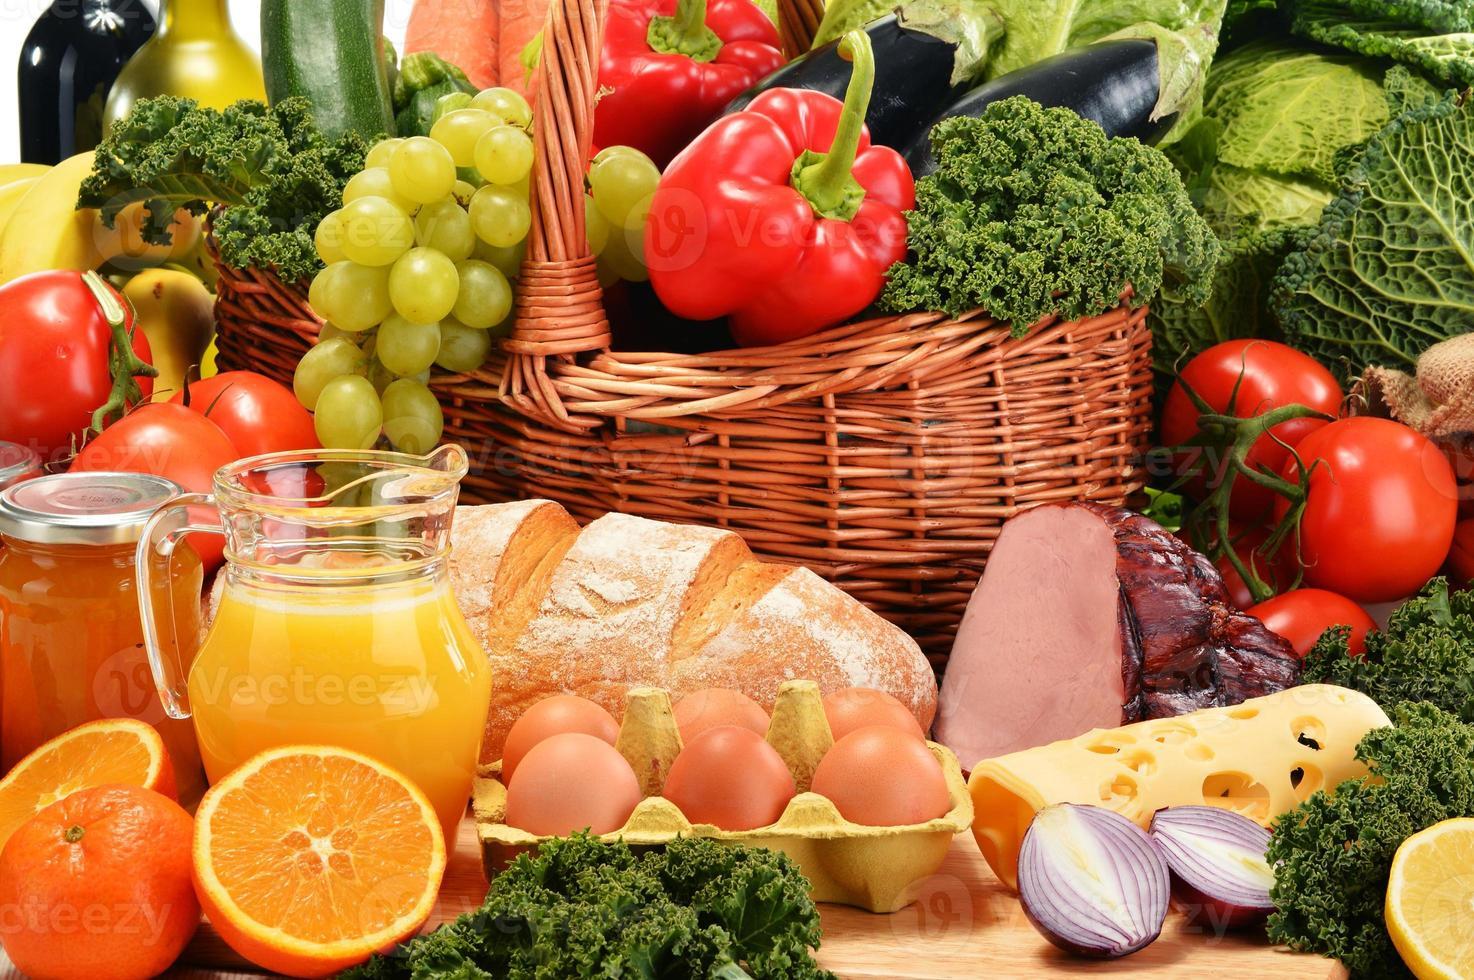 sammansättning med diverse organiska livsmedelsprodukter foto